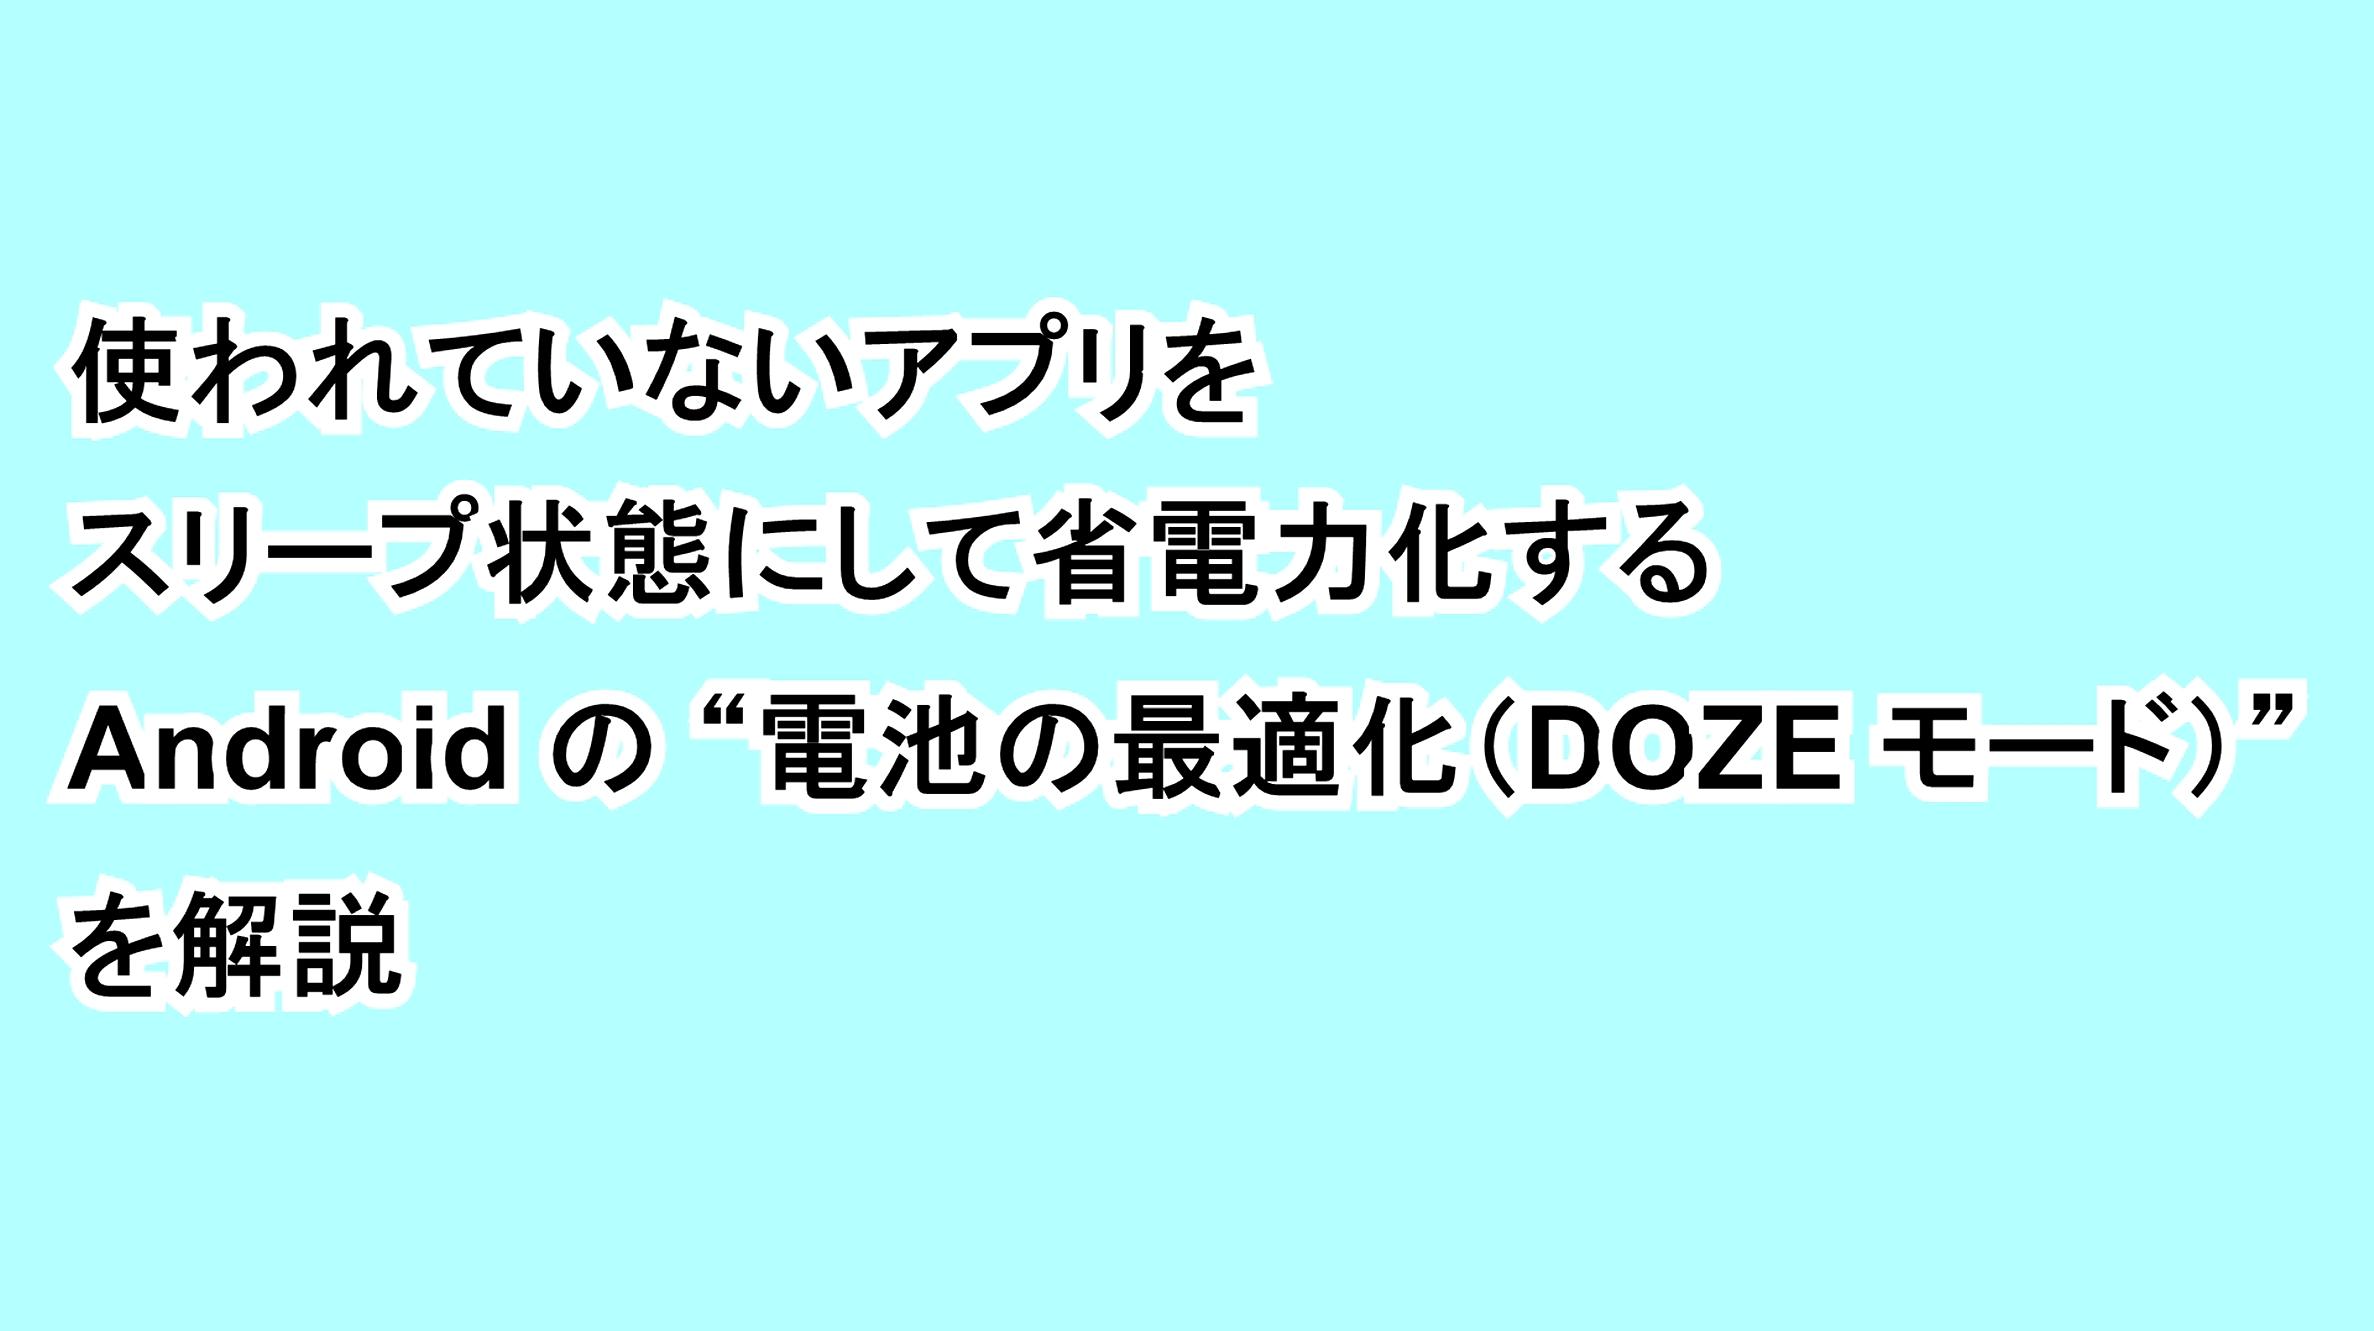 """使われていないアプリをスリープ状態にして省電力化するAndroidの""""電池の最適化(DOZE モード)""""を解説"""